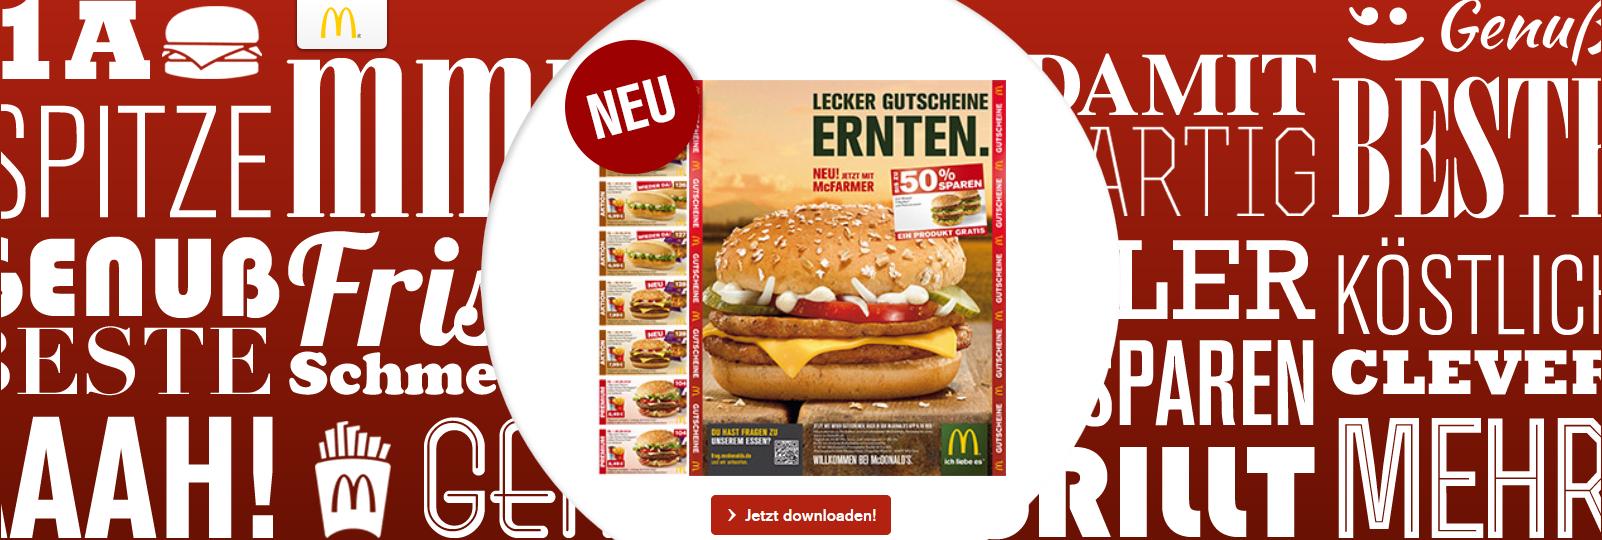 McDonald's Deutschland - neue Gutscheine - gültig bis 28.09.2014